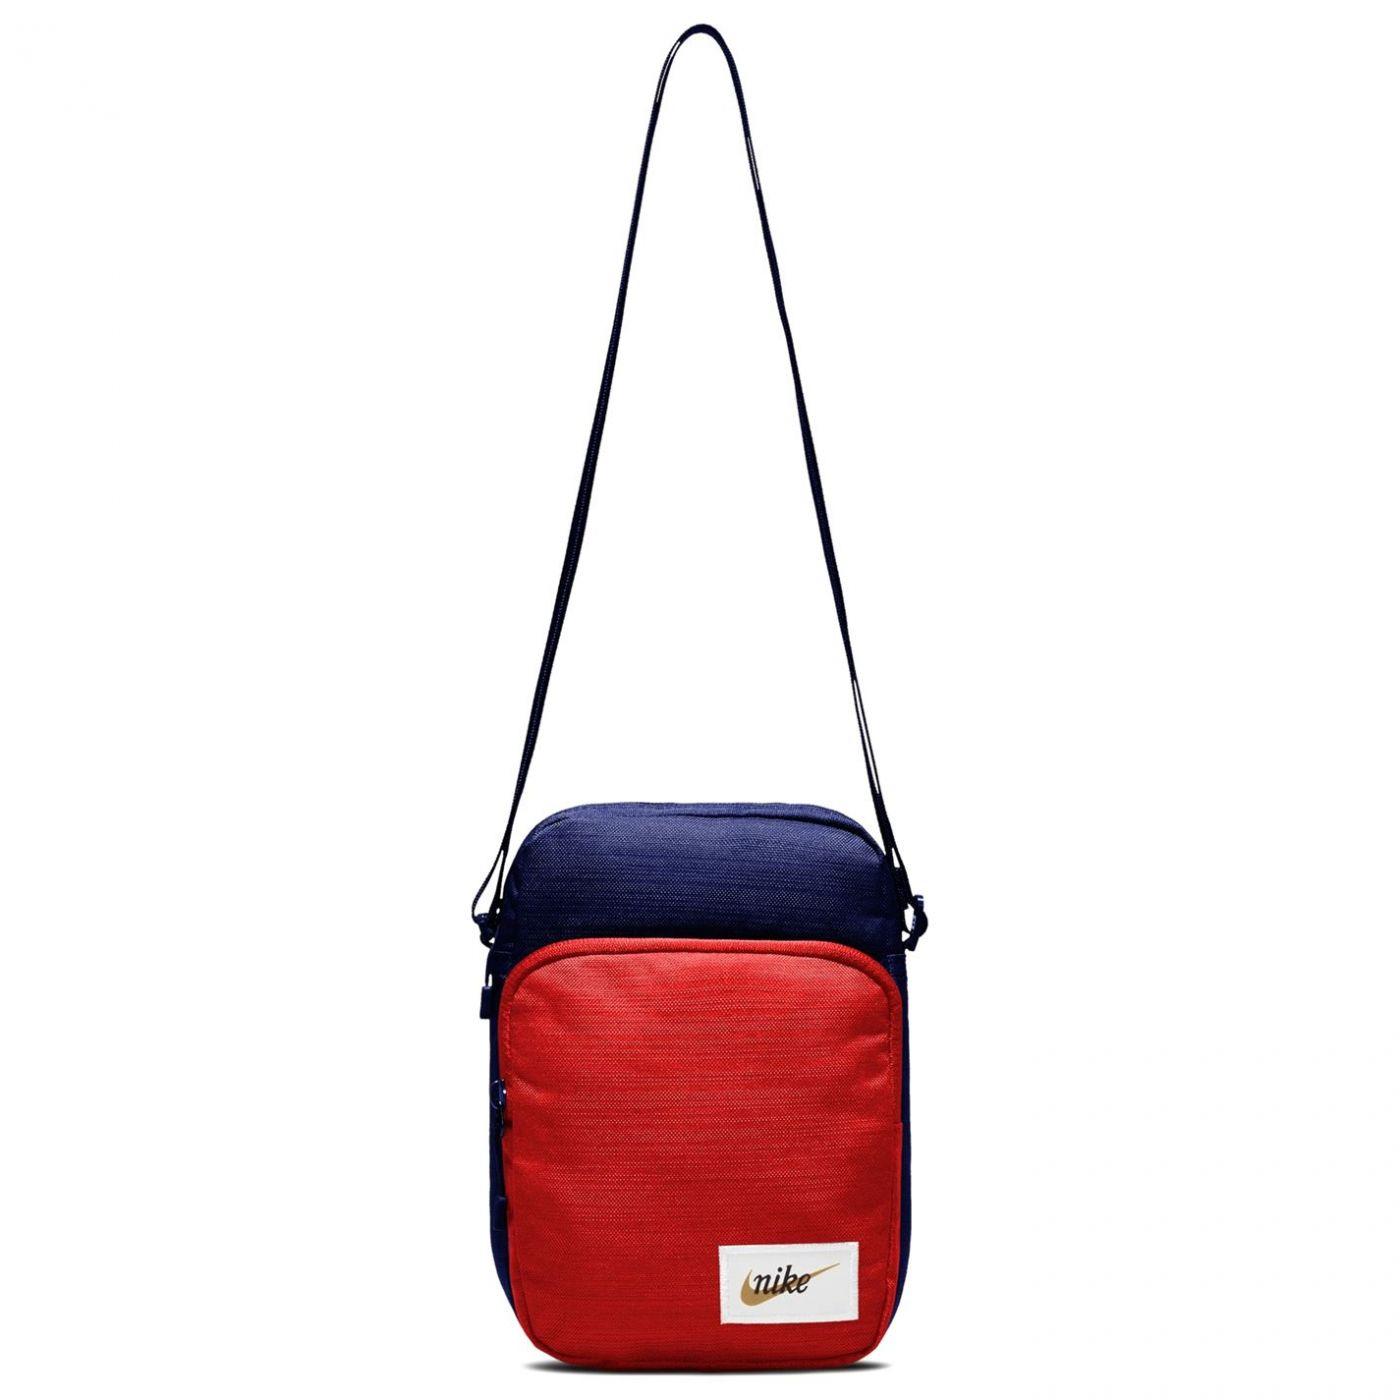 Nike Small Items Bag